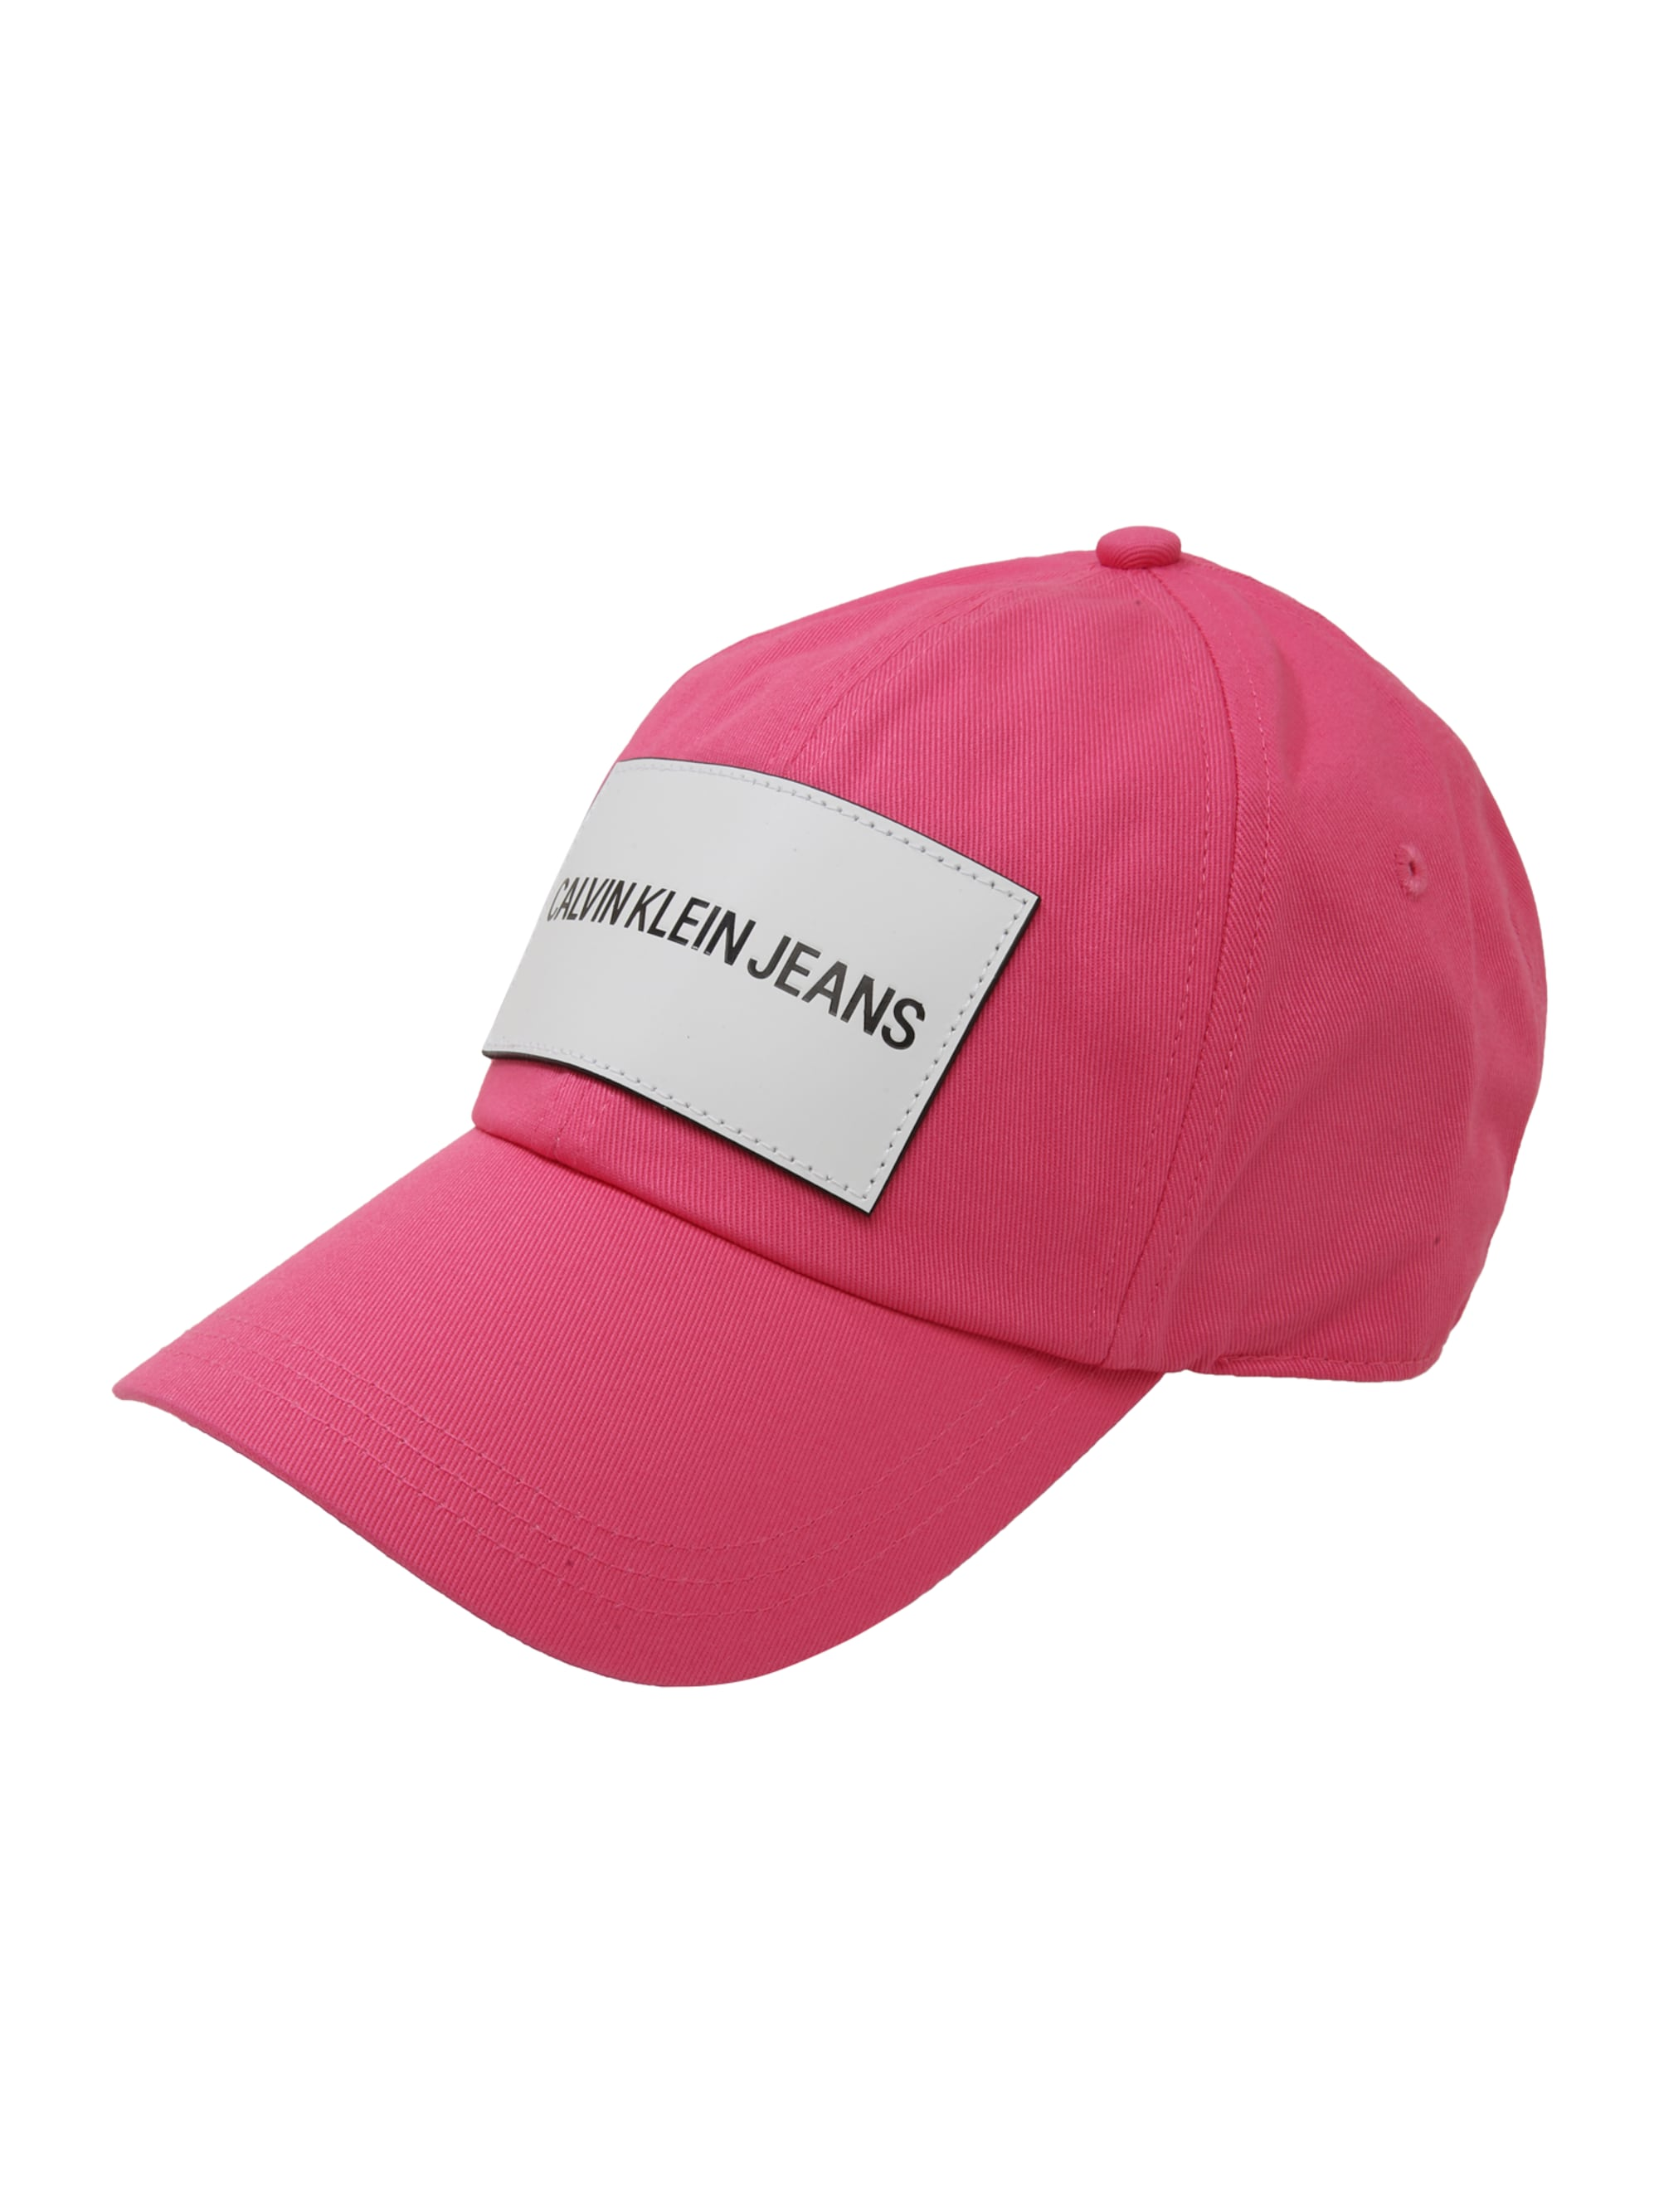 calvin klein jeans - Cap mit Logo-Patch